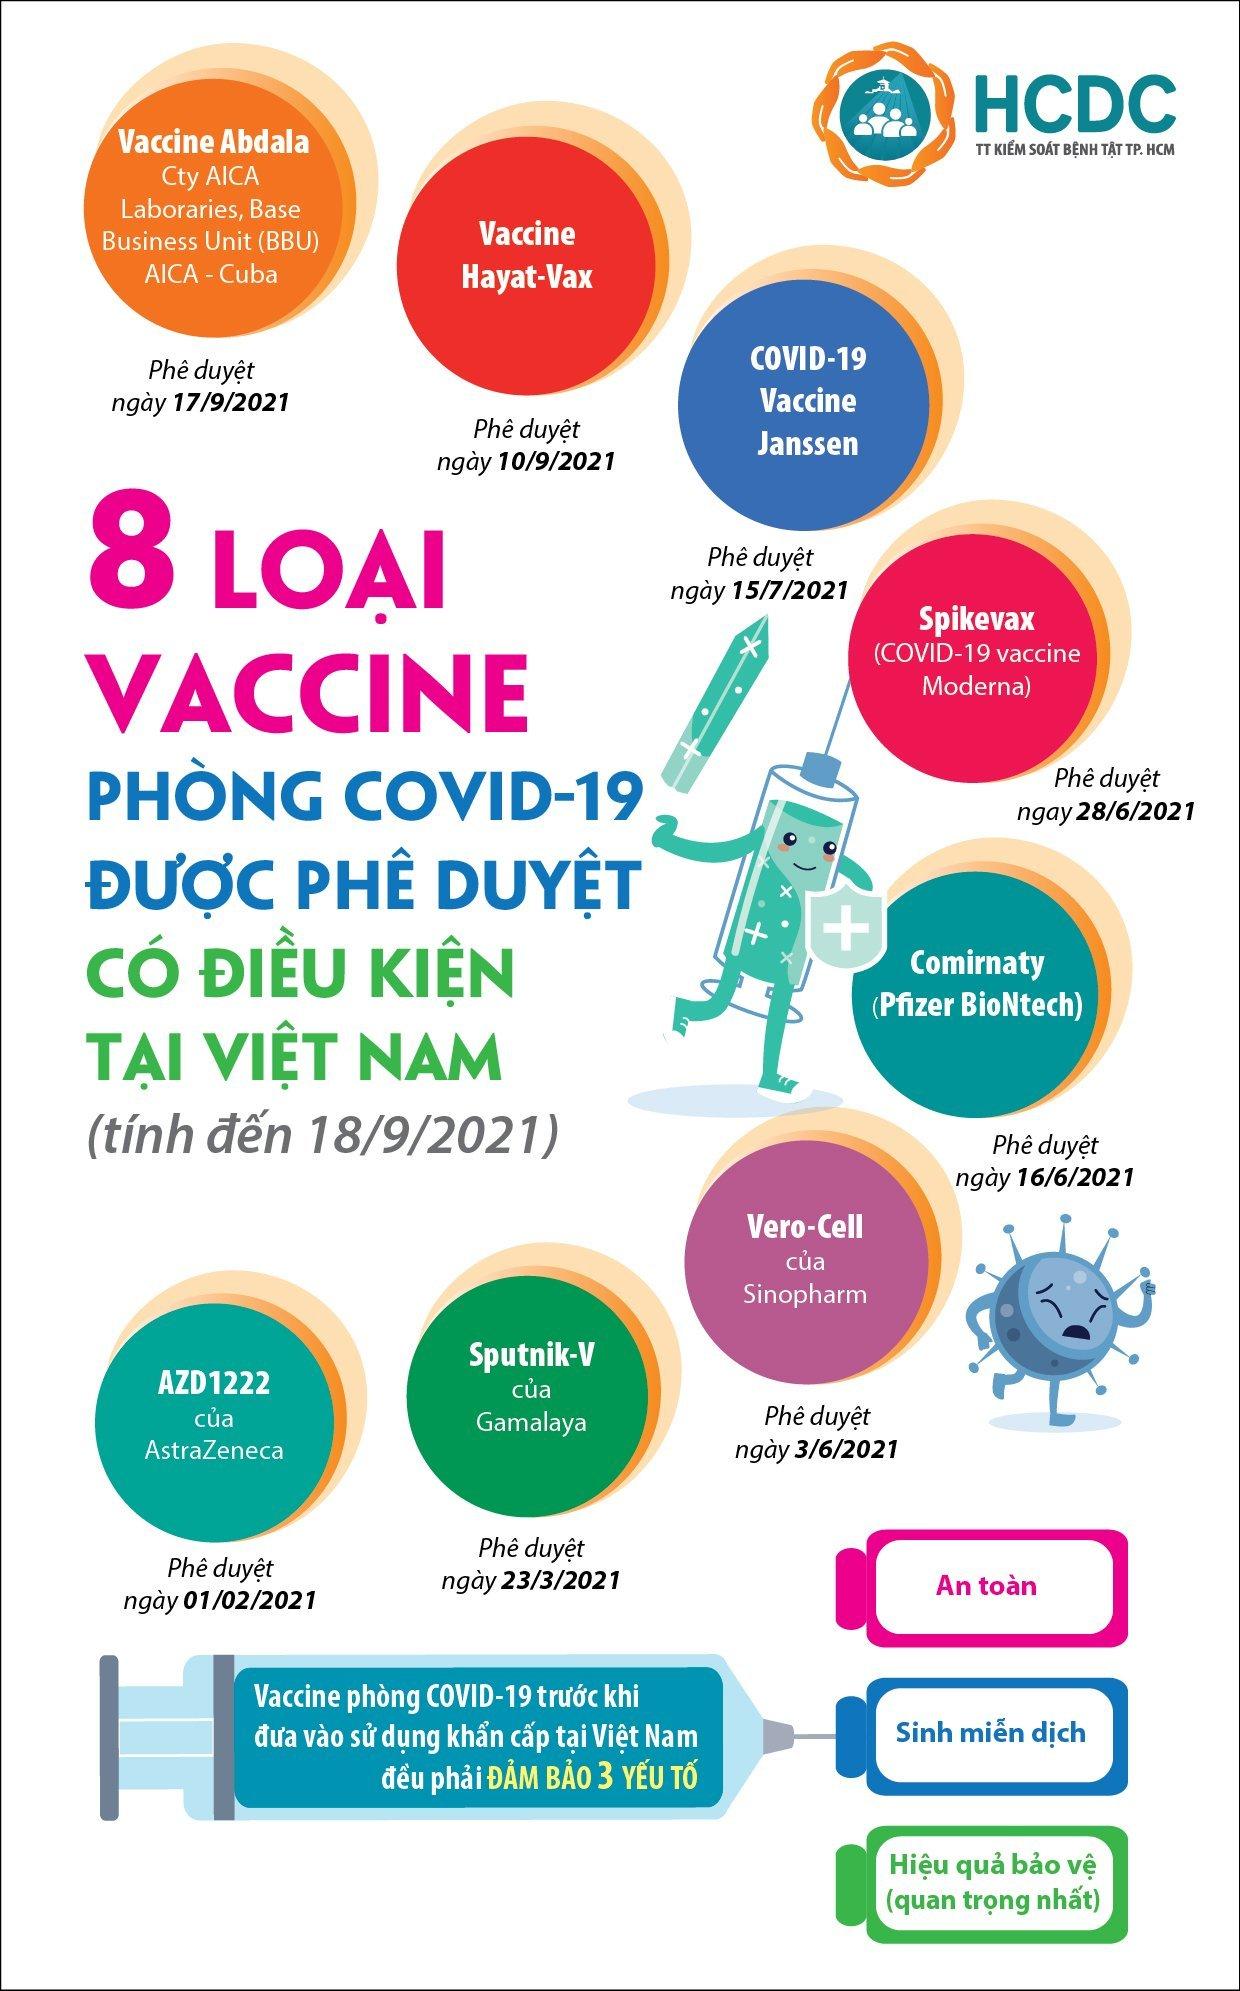 3 Tác Dụng Của Việc Tiêm Vắc-Xin COVID-19 Và Thông Tin Của 6 Loại Vắc-Xin ngừa COVID-19 Đang Được Sử Dụng Tại Việt Nam